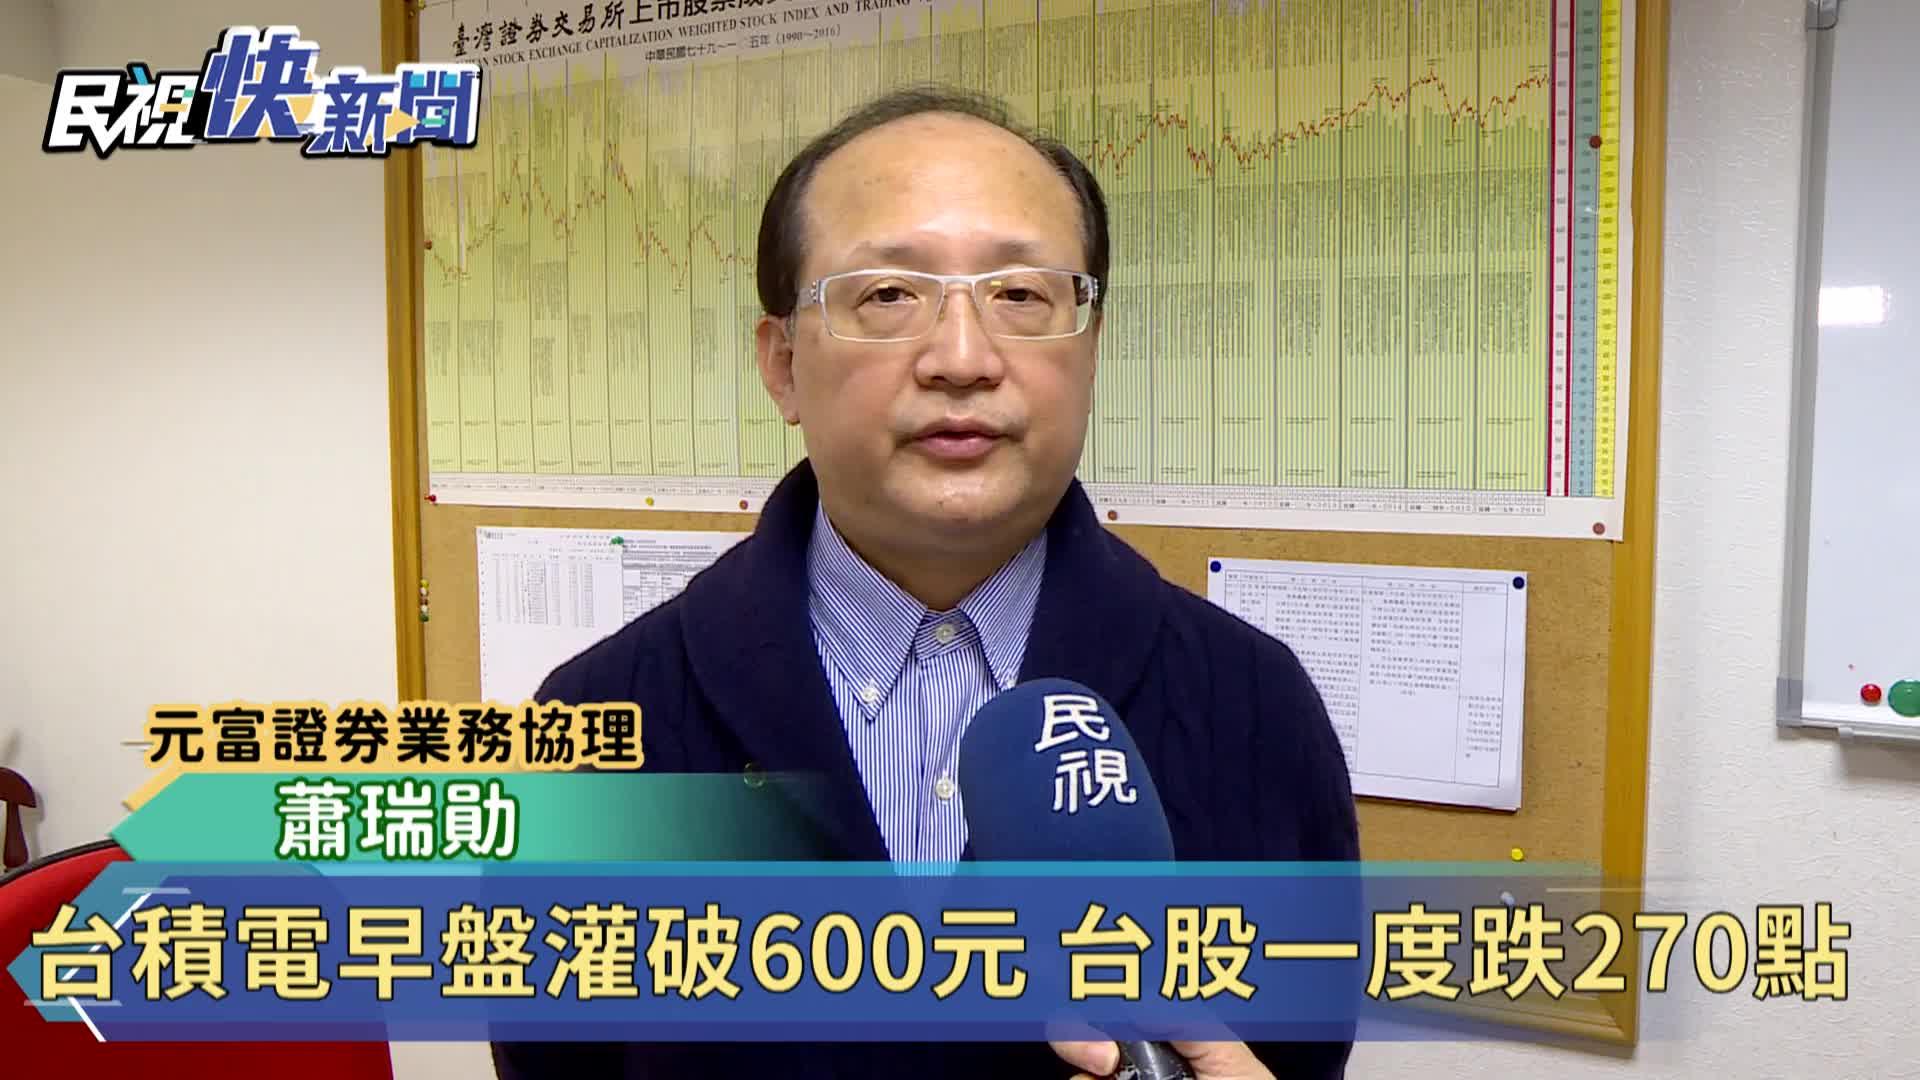 台積電早盤摜破600元 台股一度大跌270點